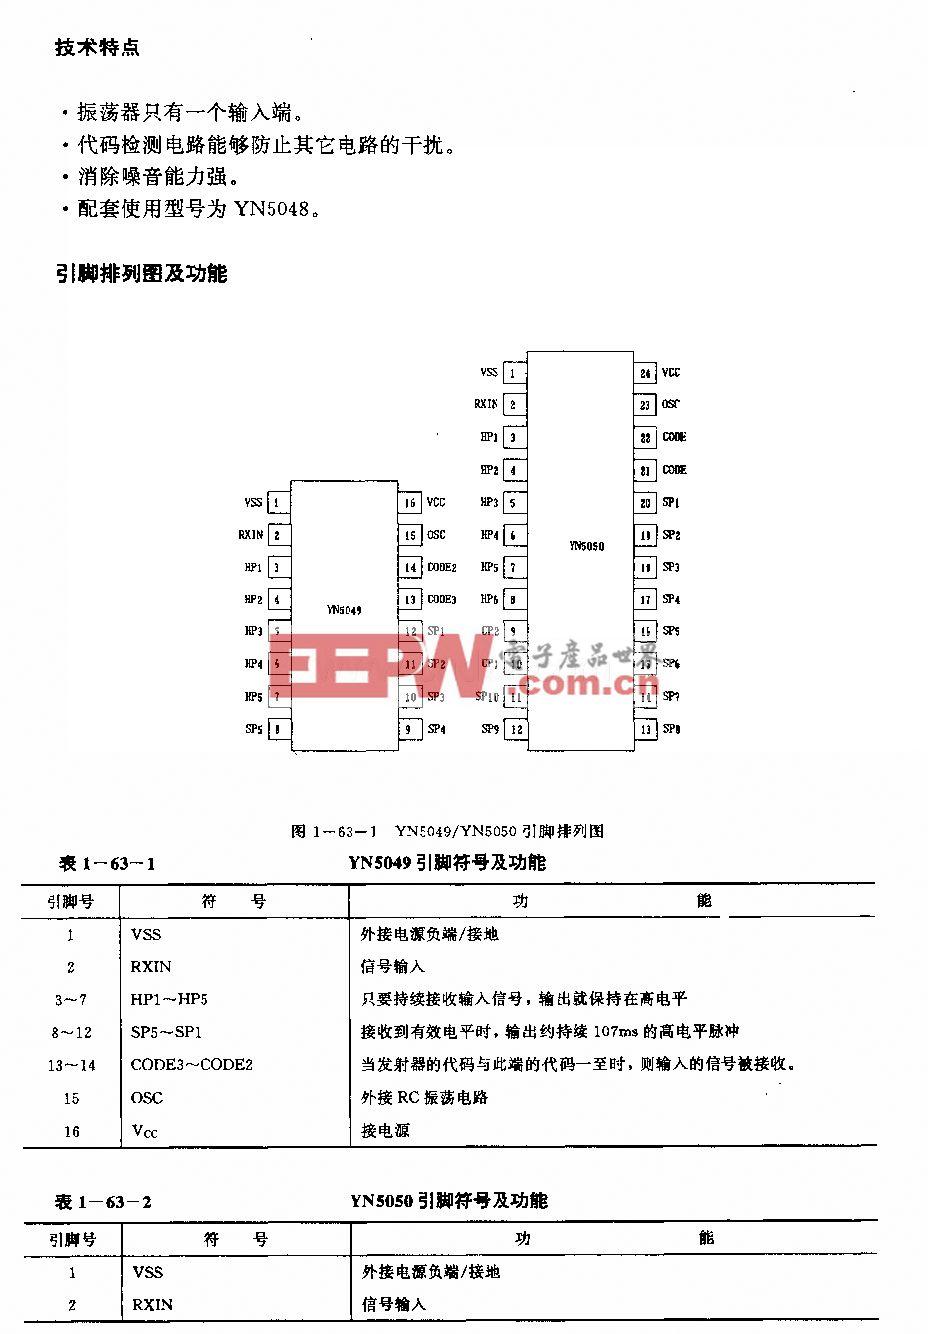 YN5049/YN5050 (電視機、錄像機和音響)紅外線遙控發射電路YN5049/YN5050 (電視機、錄像機和音響)紅外線遙控發射電路